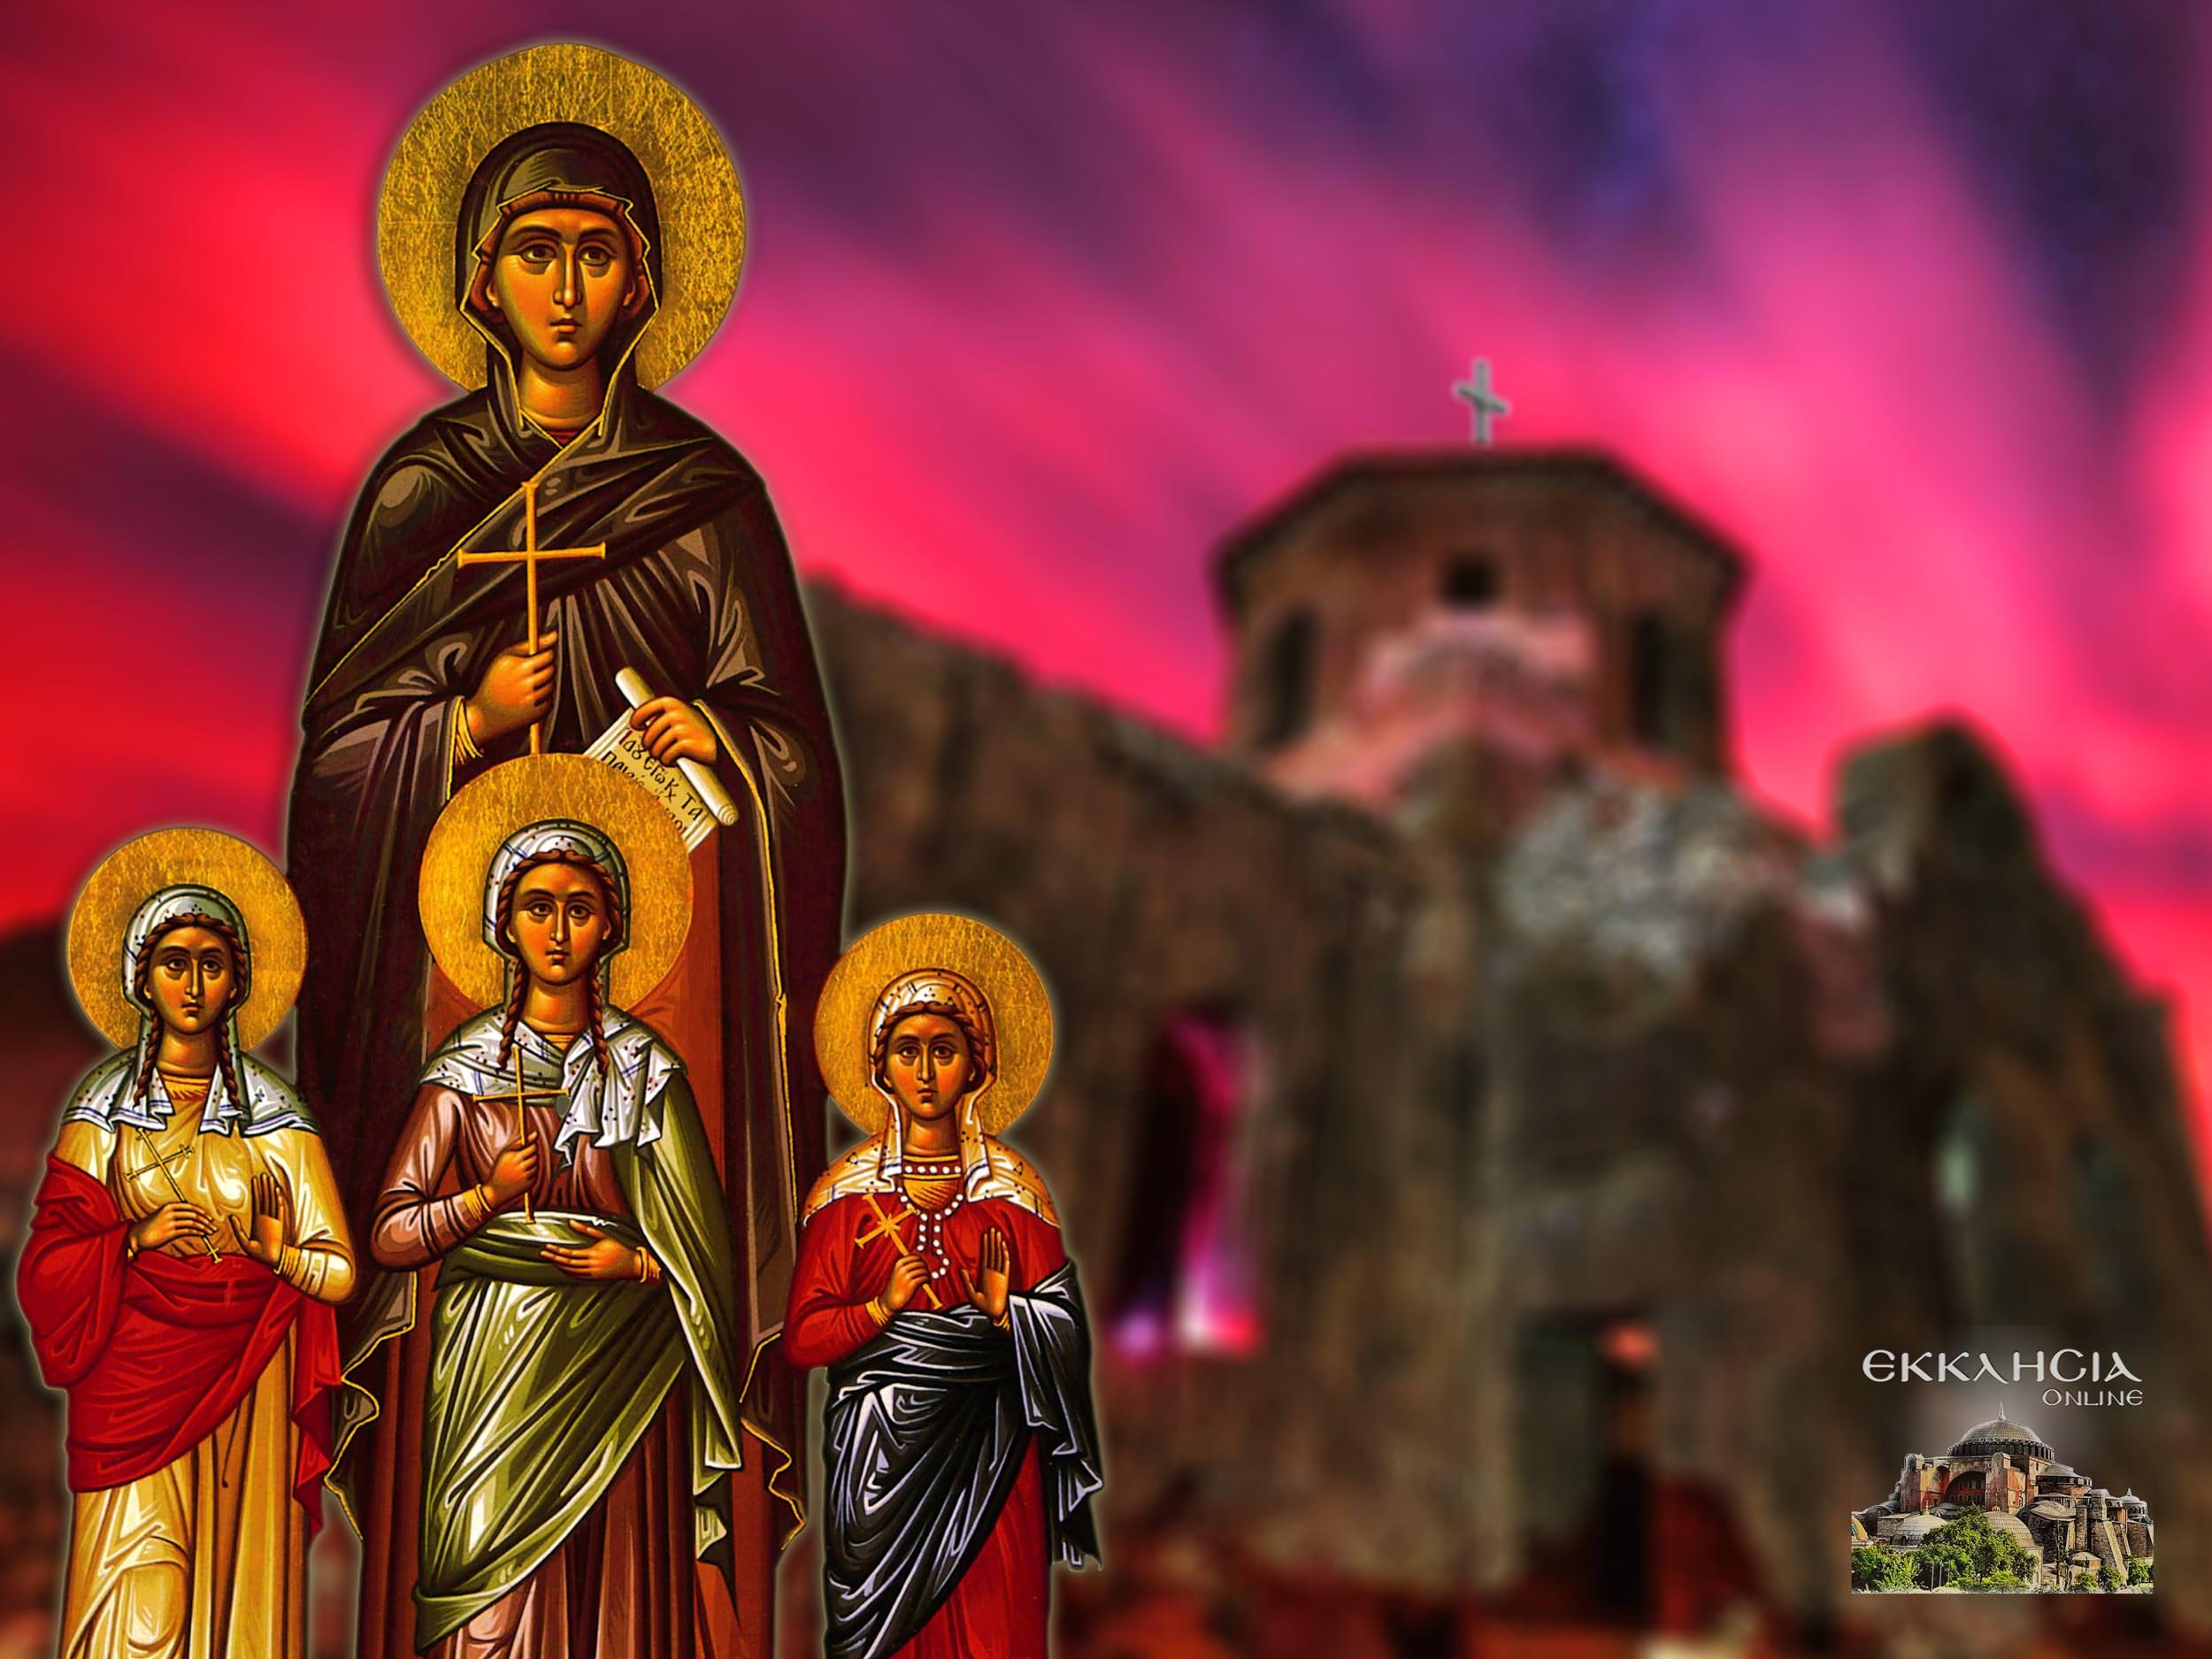 Αγία Σοφία και οι τρεις θυγατέρες της Πίστη Ελπίδα και Αγάπη 17 Σεπτεμβρίου